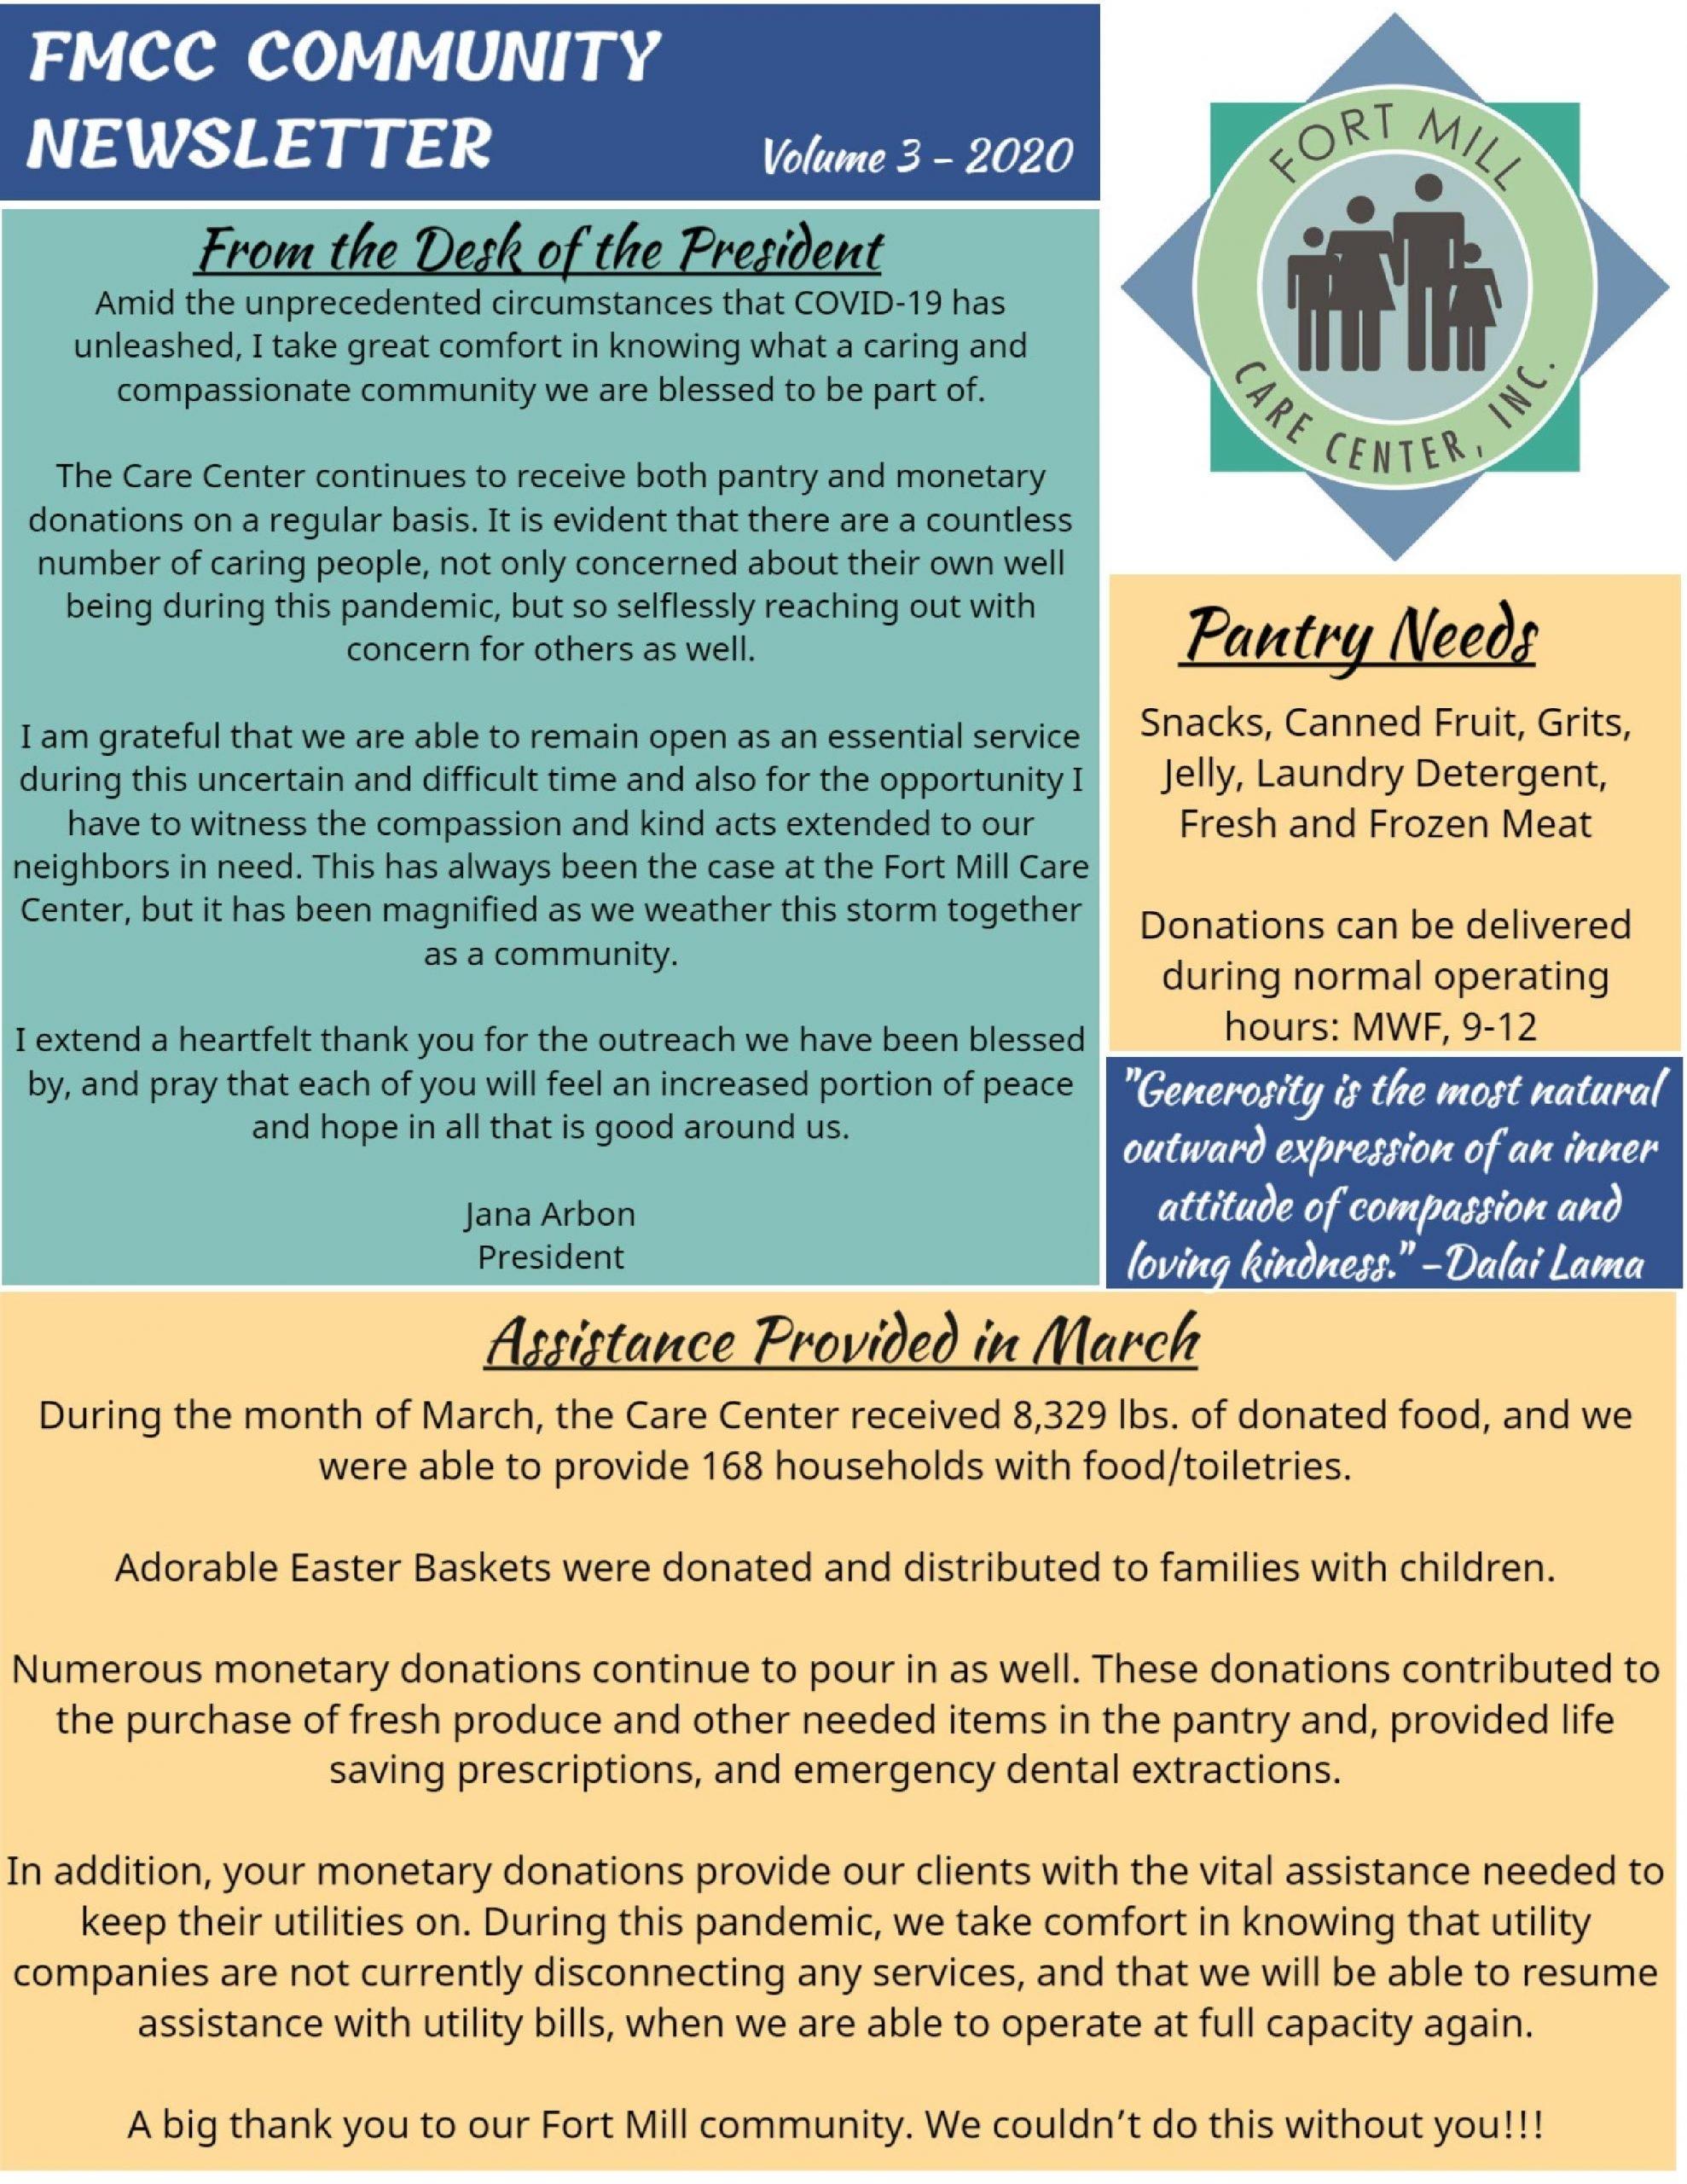 Fort Mill Care Center Community Newsletter Volume 3